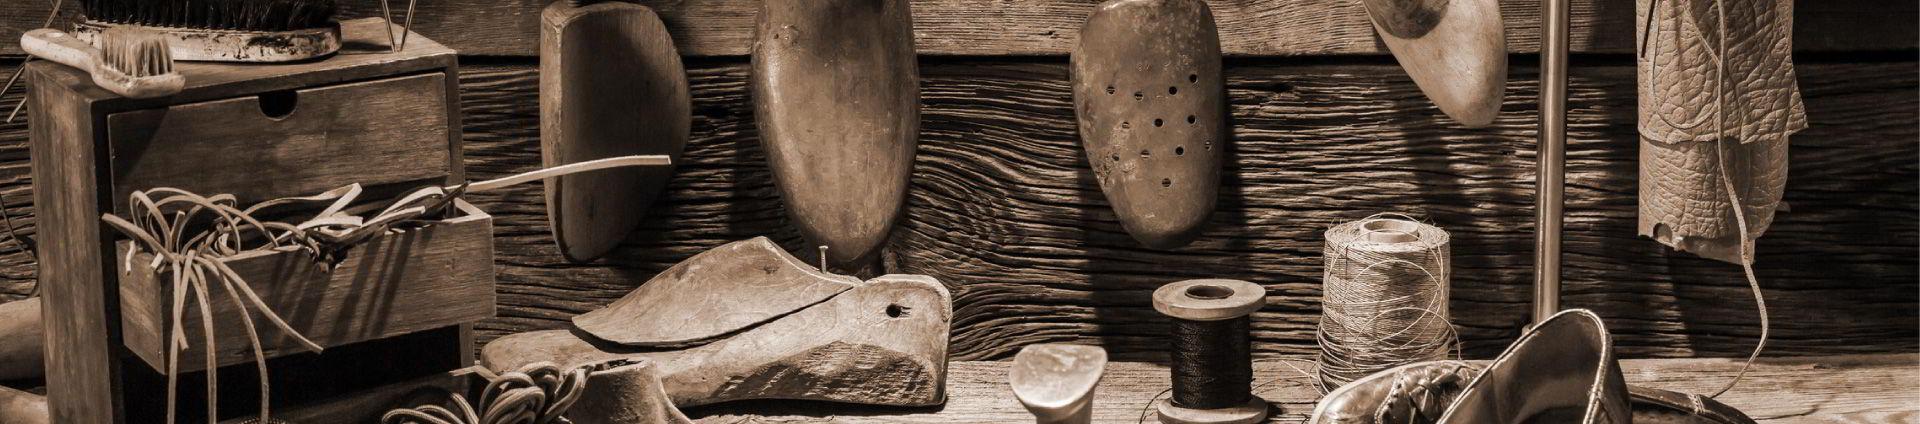 Mesa con herramientas de calzado